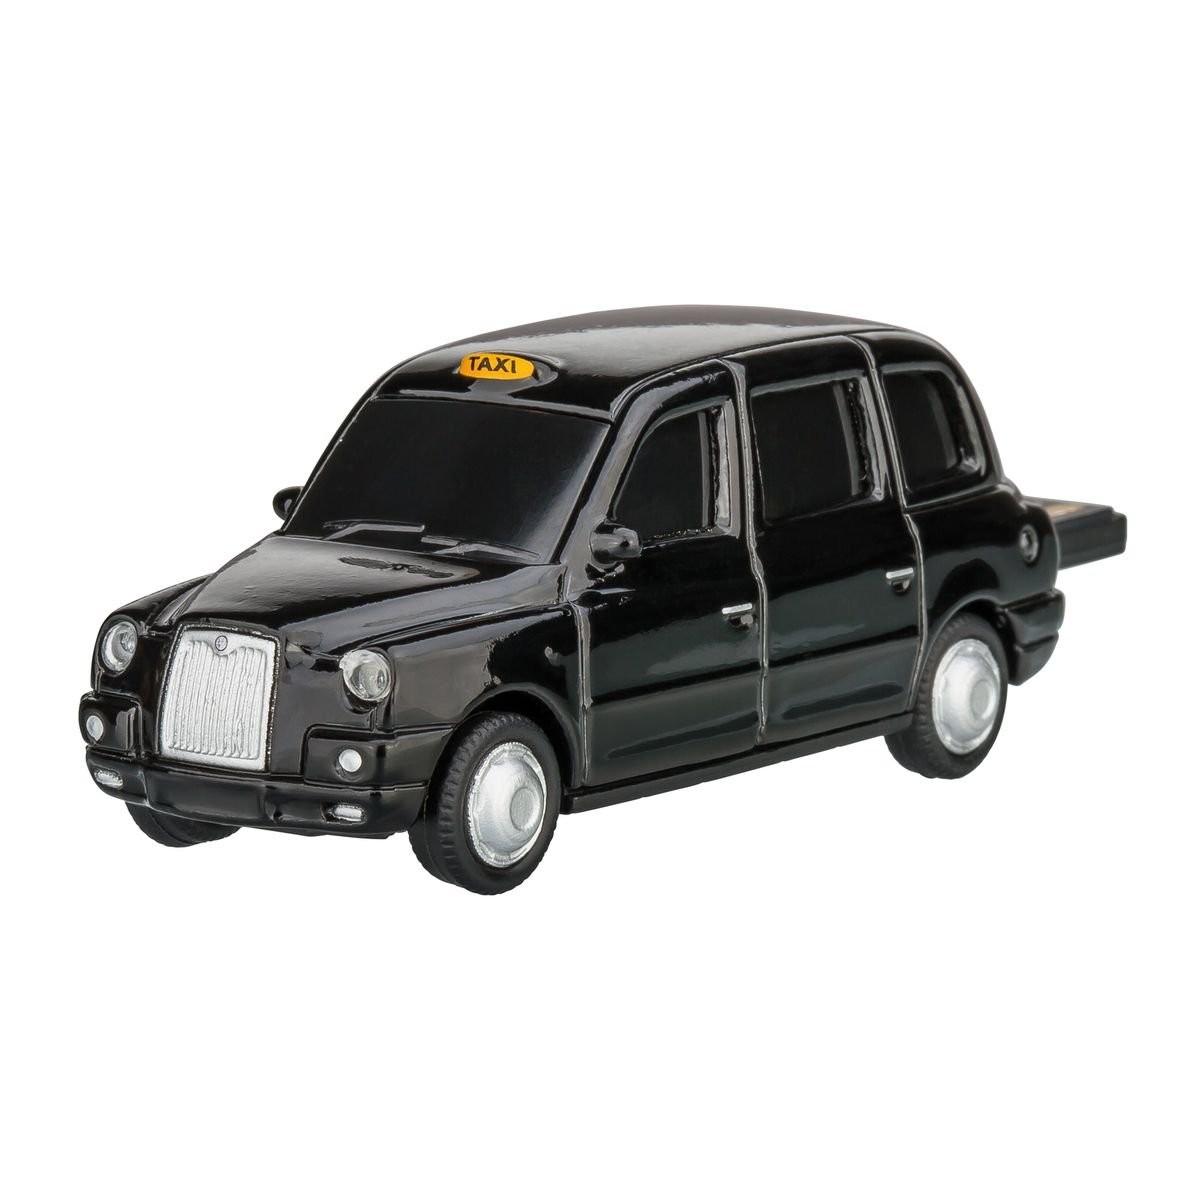 USB flash drive London Taxi TX4 1:72 BLACK 16GB